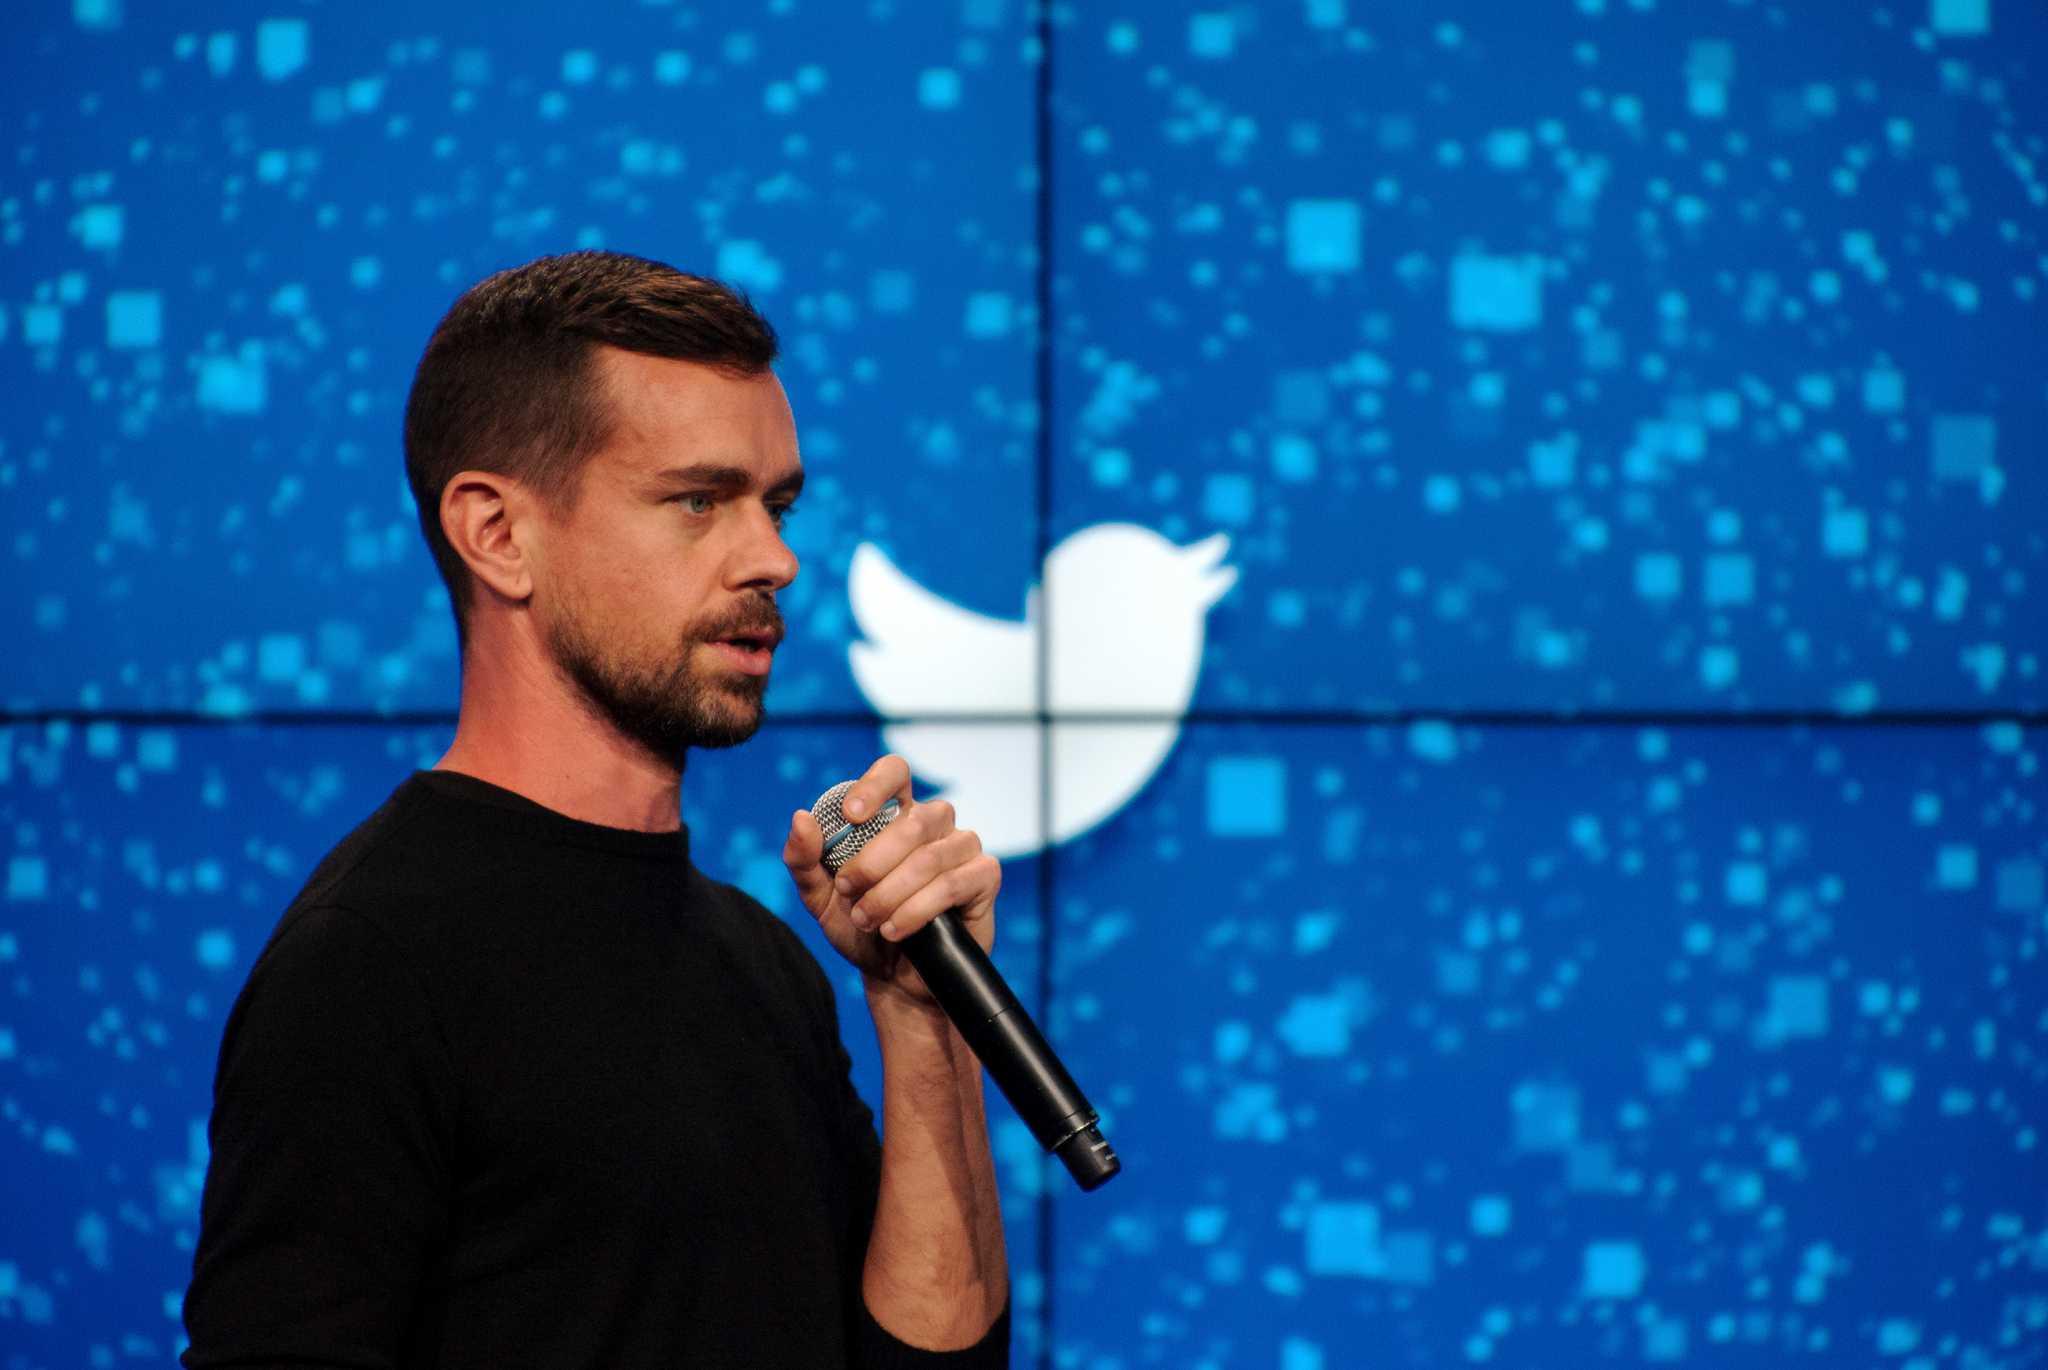 پنج عادت مدیرعامل توییتر که به موفقیت وی انجامید.